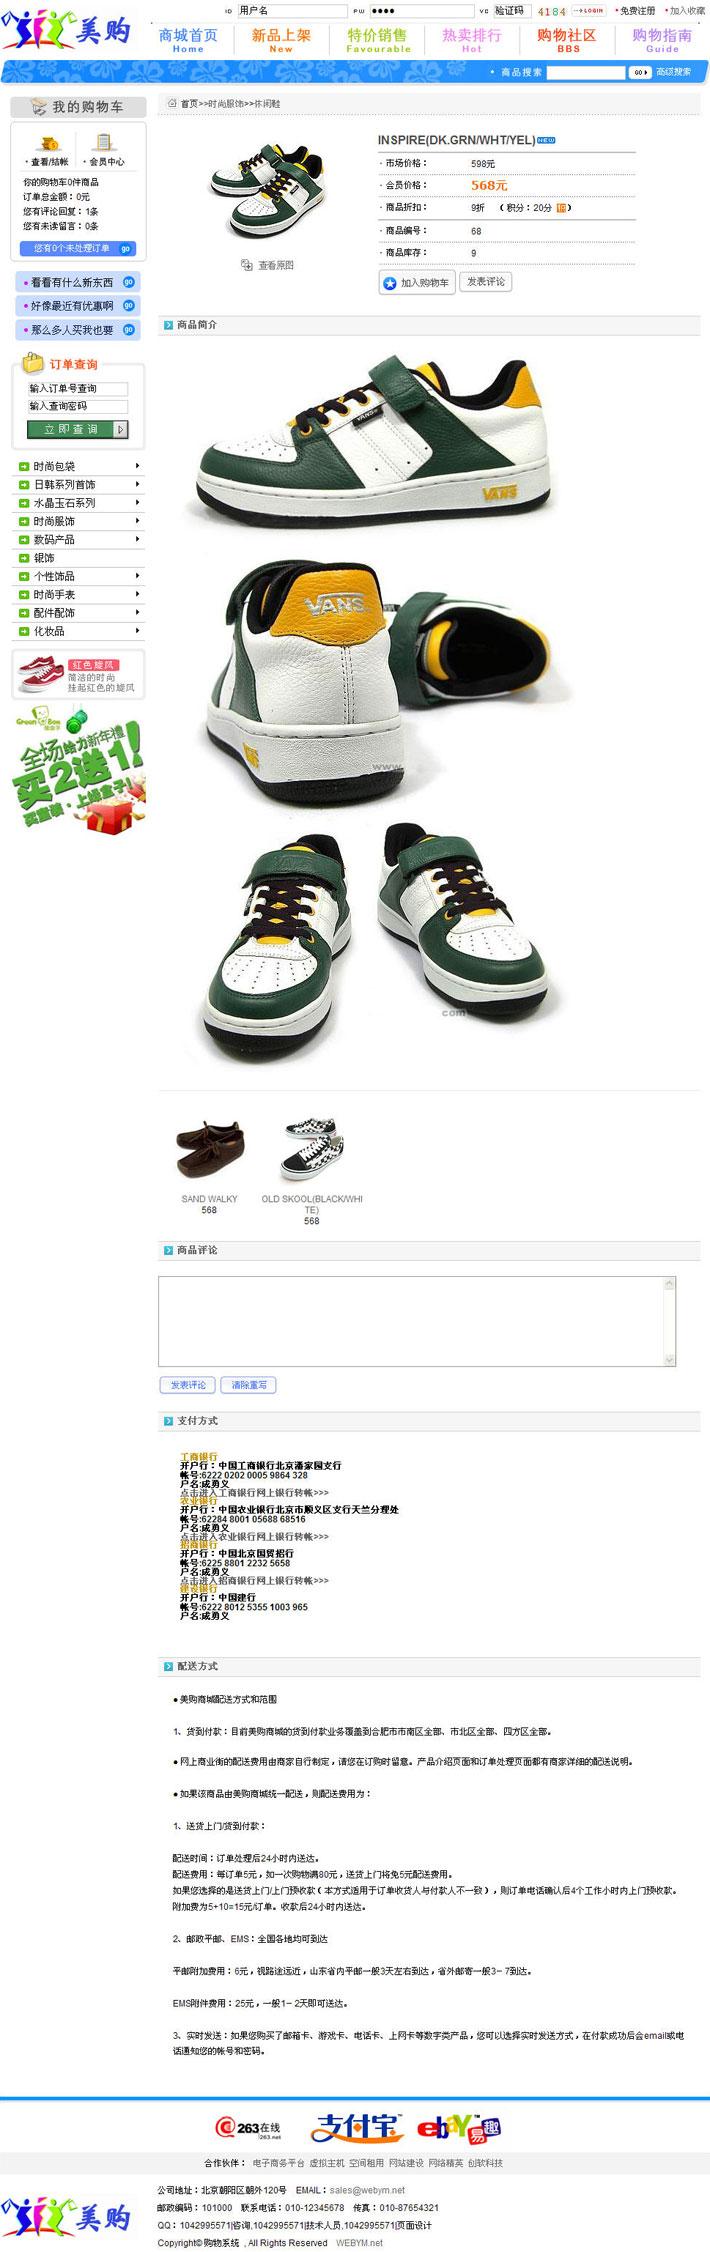 鞋子专营店网站源程序